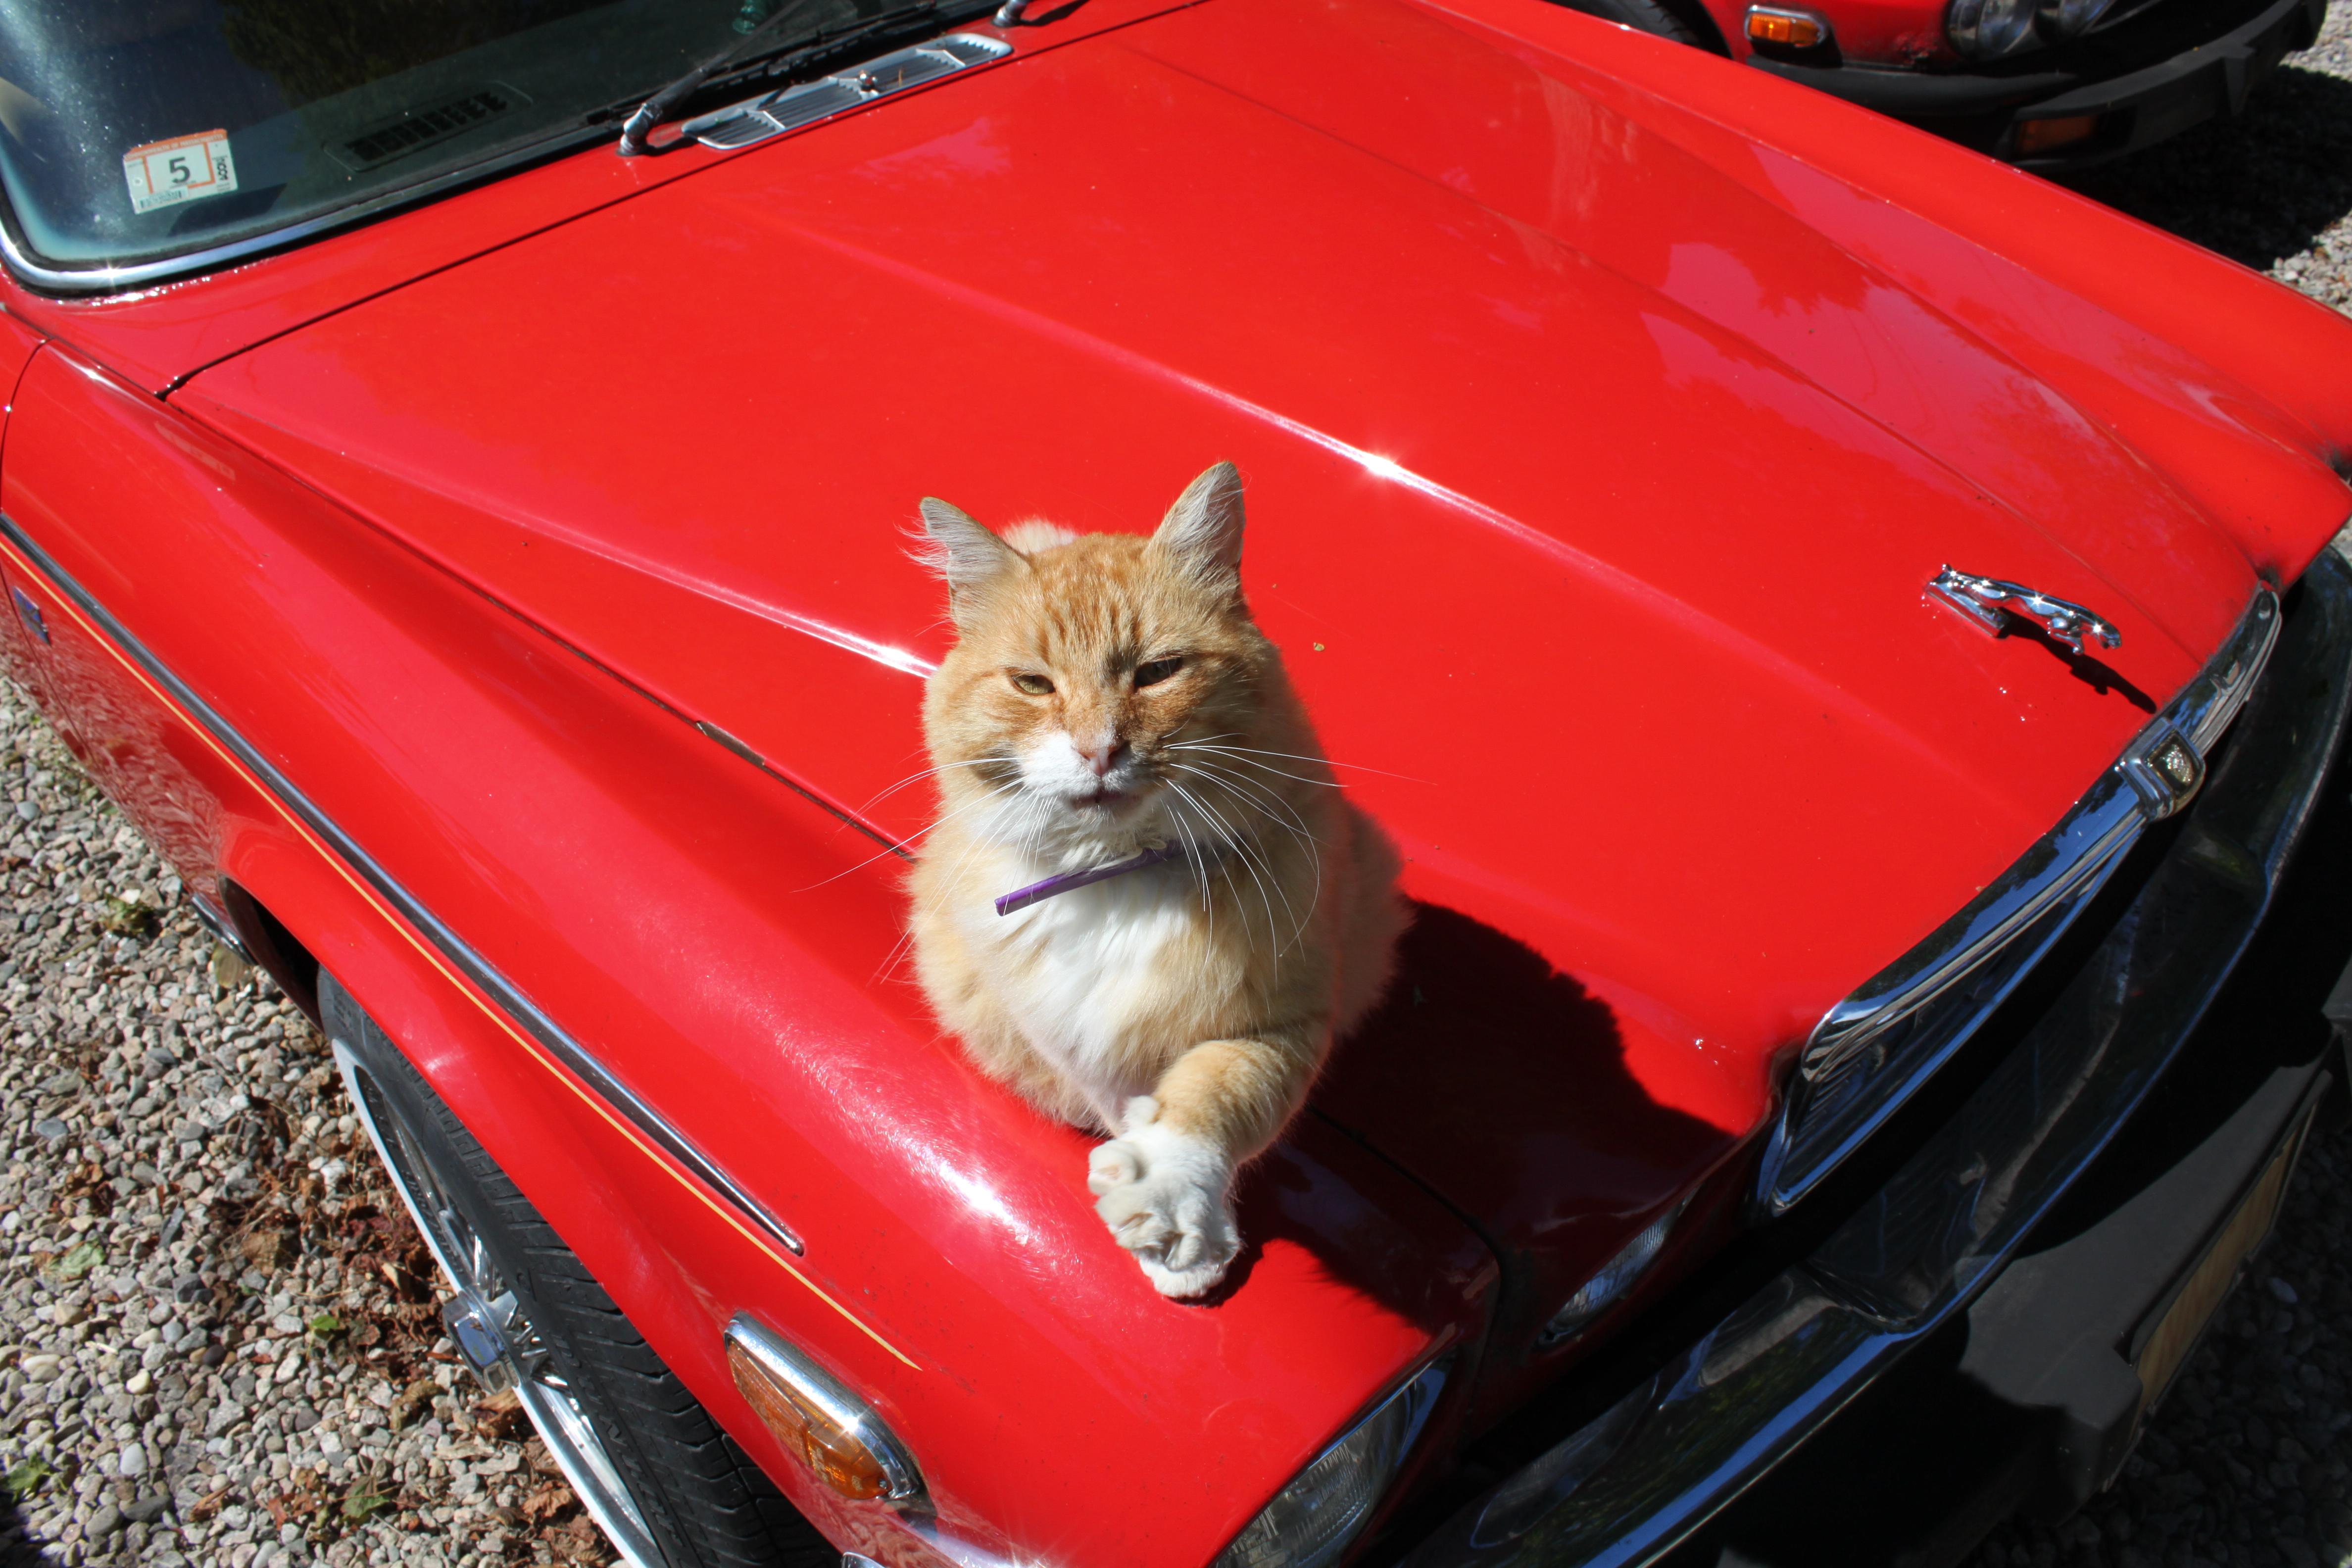 Cat Stops Car Dream Interpretation